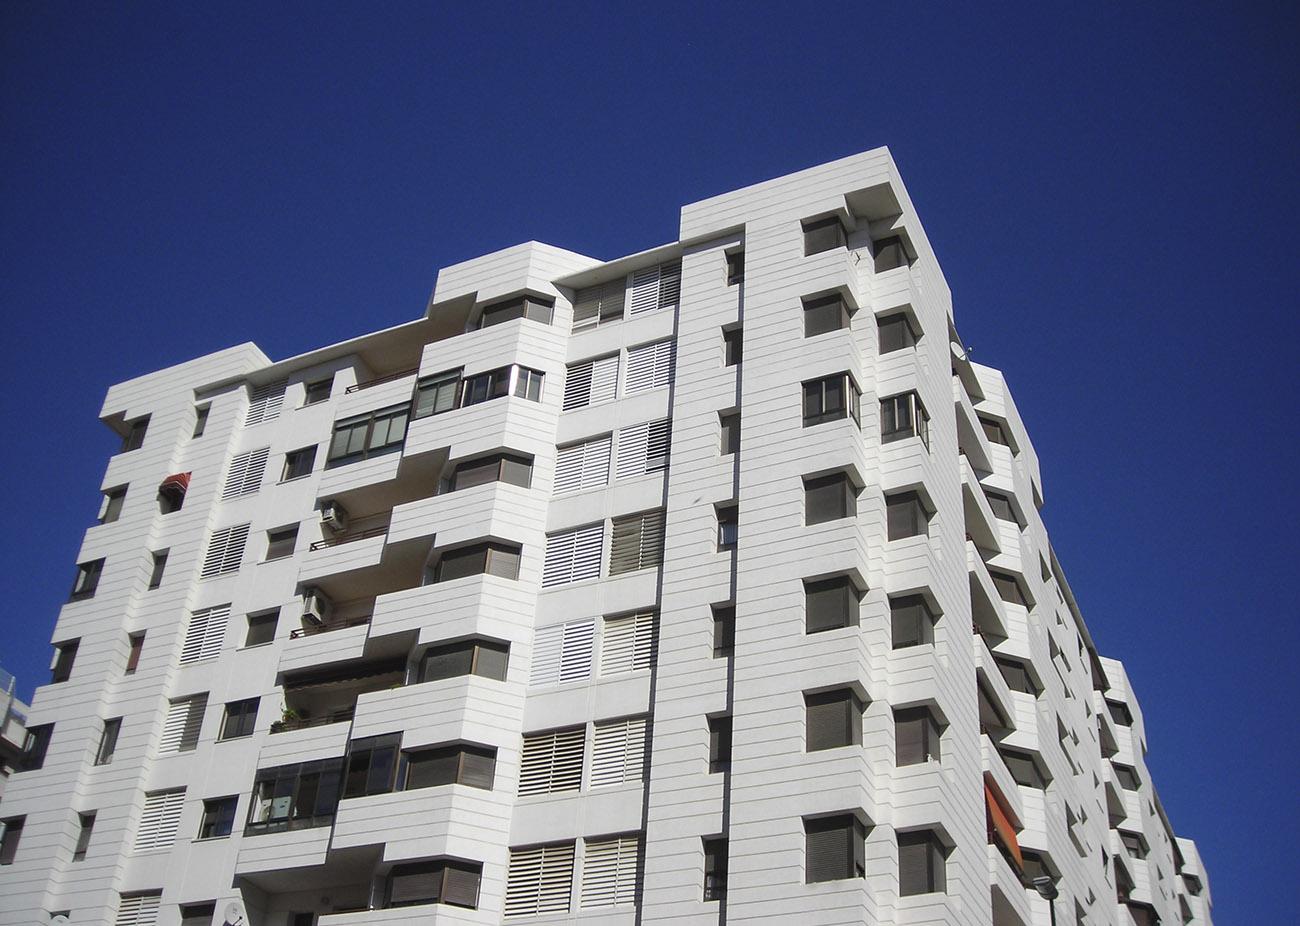 Un juzgado de Barcelona avala las multas a los bancos por mantener pisos vacíos